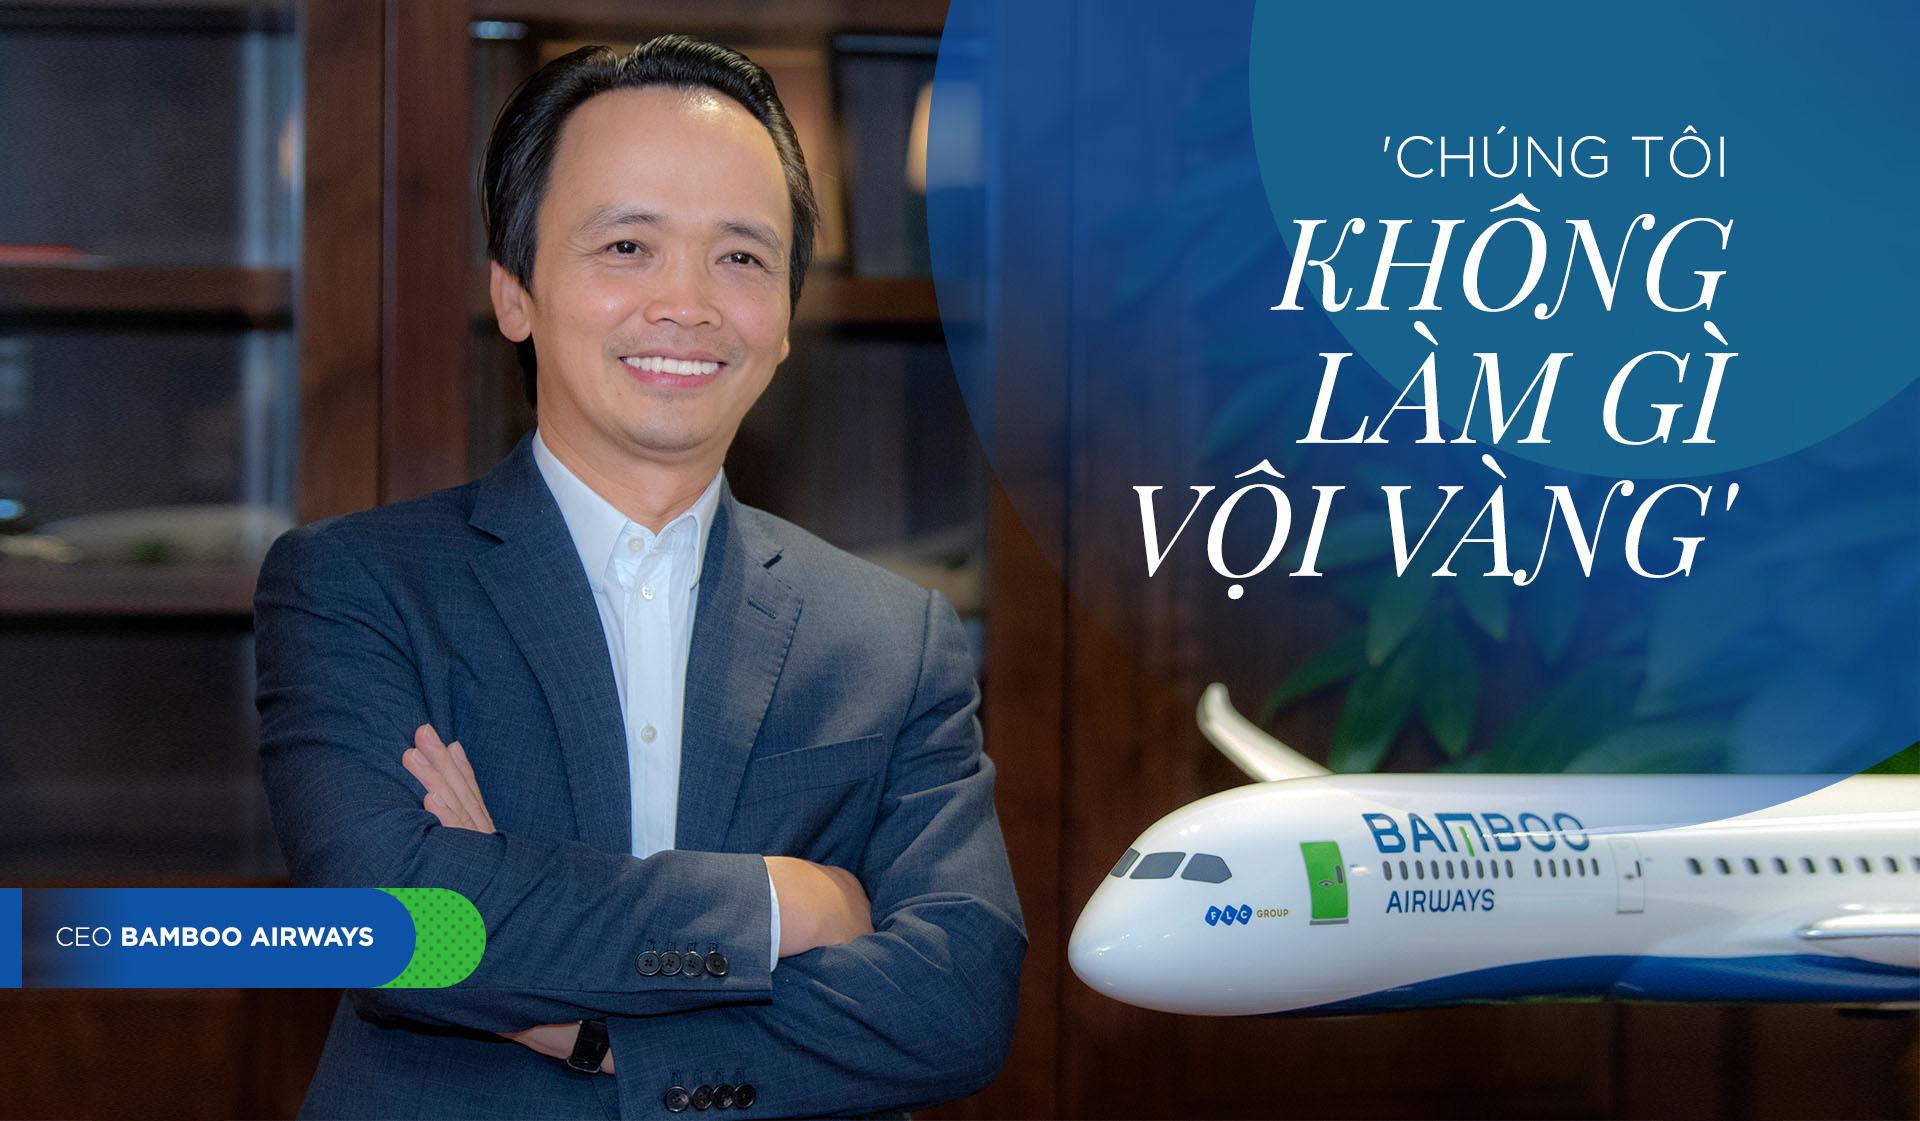 Chủ tịch Bamboo Airways Trịnh Văn Quyết: Chúng tôi không làm gì vội vàng - Ảnh 2.